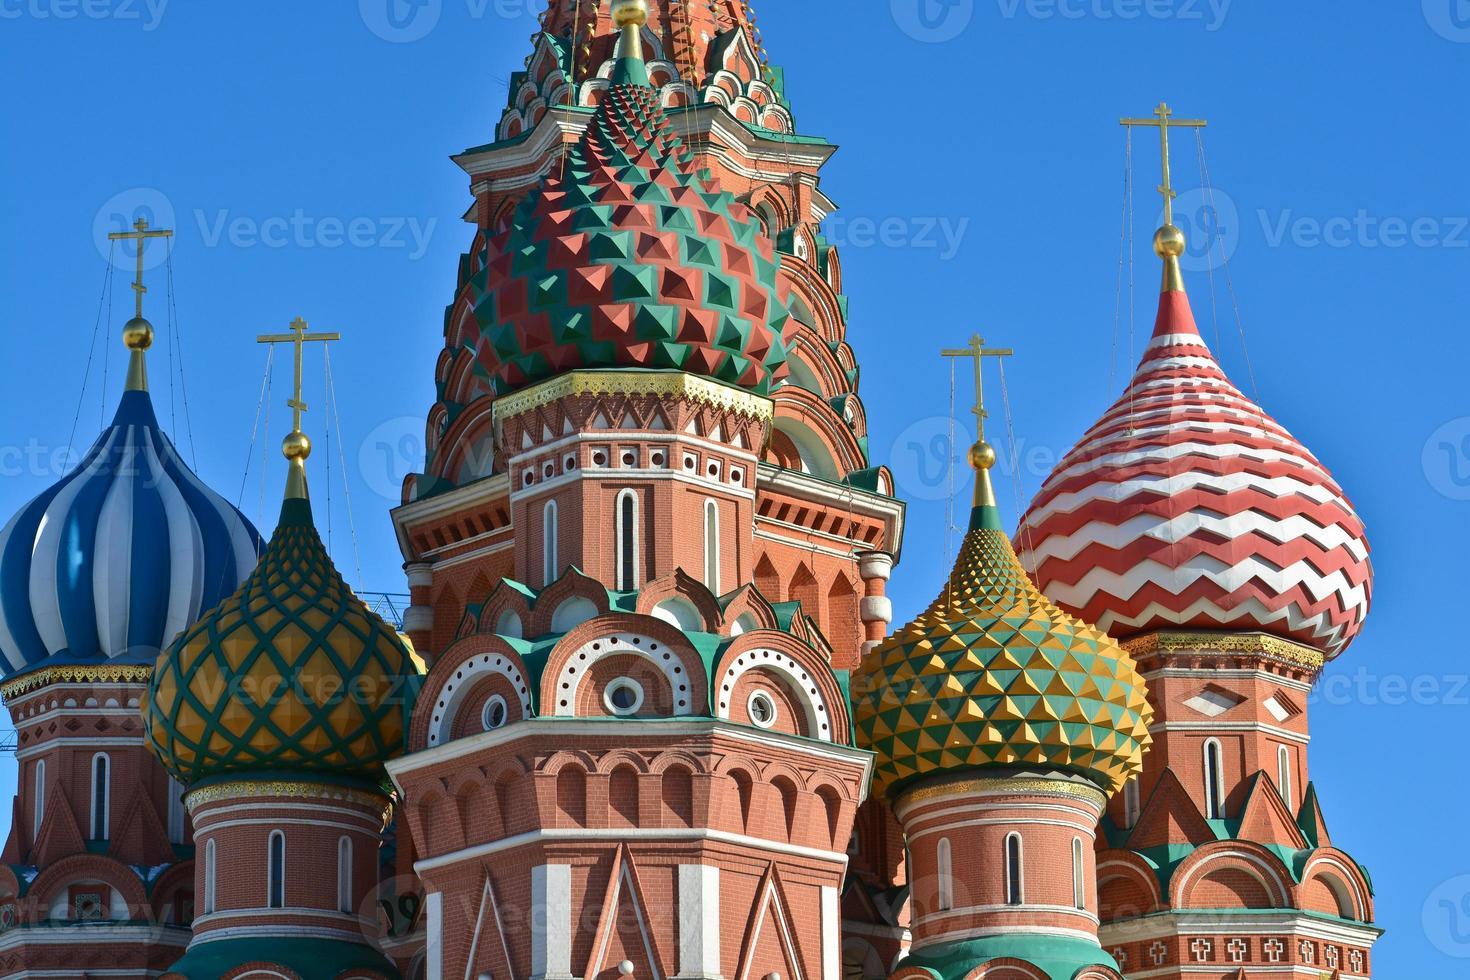 Moskou, kathedraal van Sint-Basilius. foto